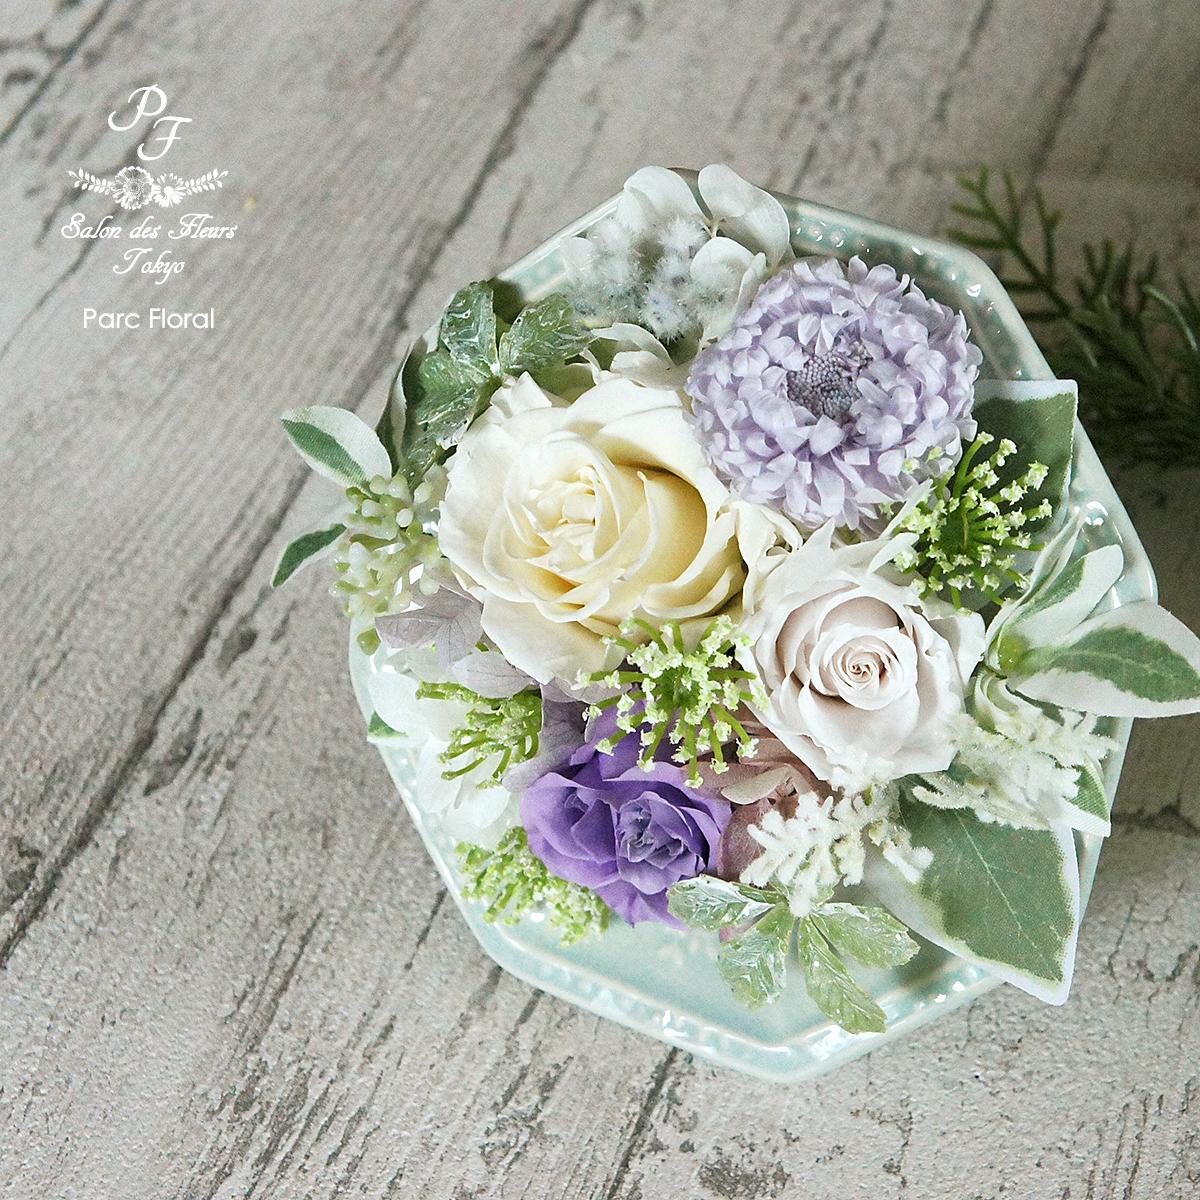 プリザーブドフラワーのお供えの花 パープル系ローズ